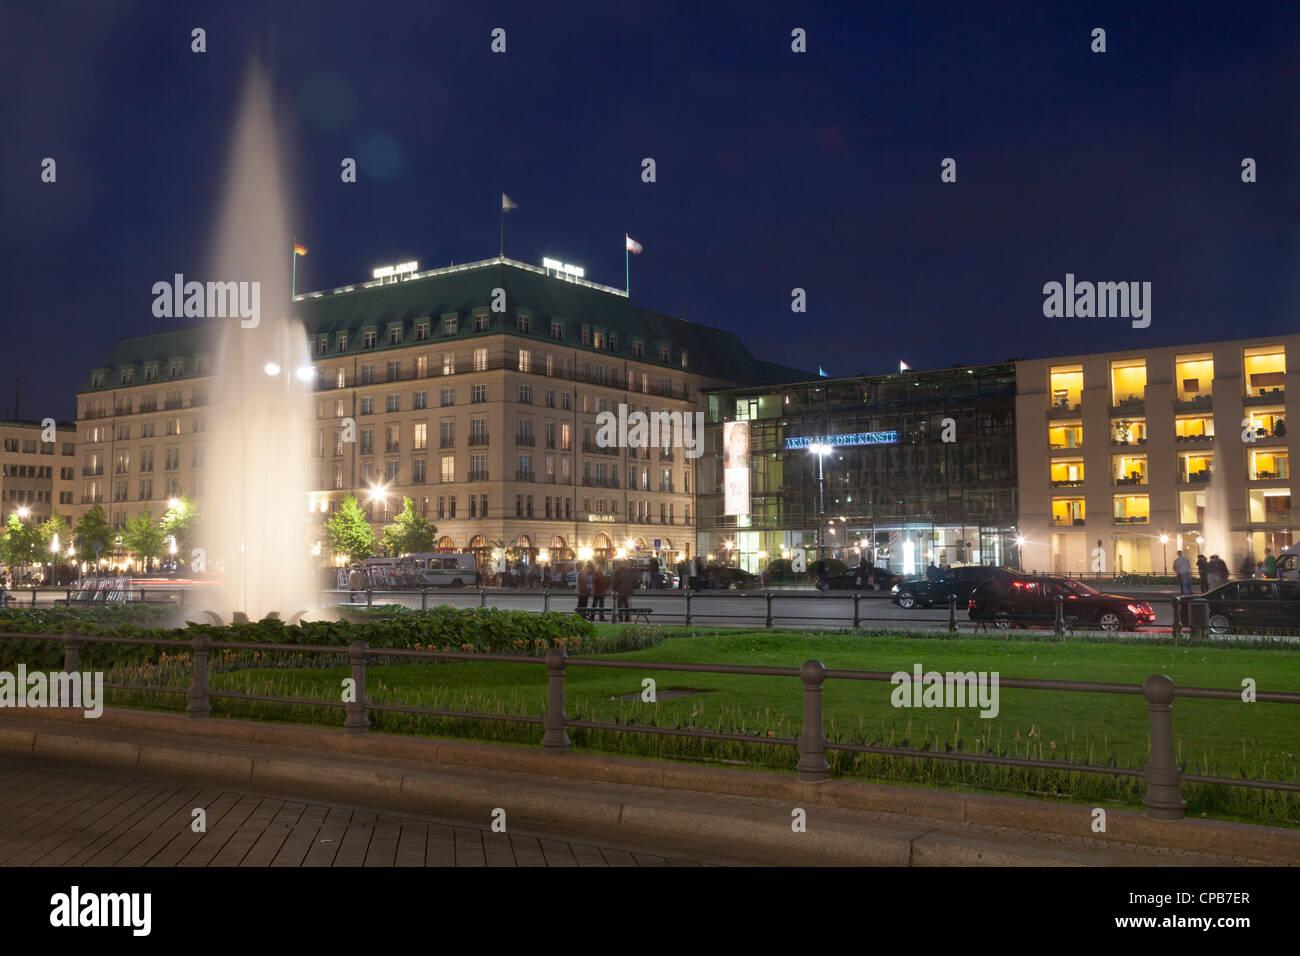 Pariser Platz mit Hotel Adlon und Akademie der Kuenste, Berlin, Deutschland Stockfoto